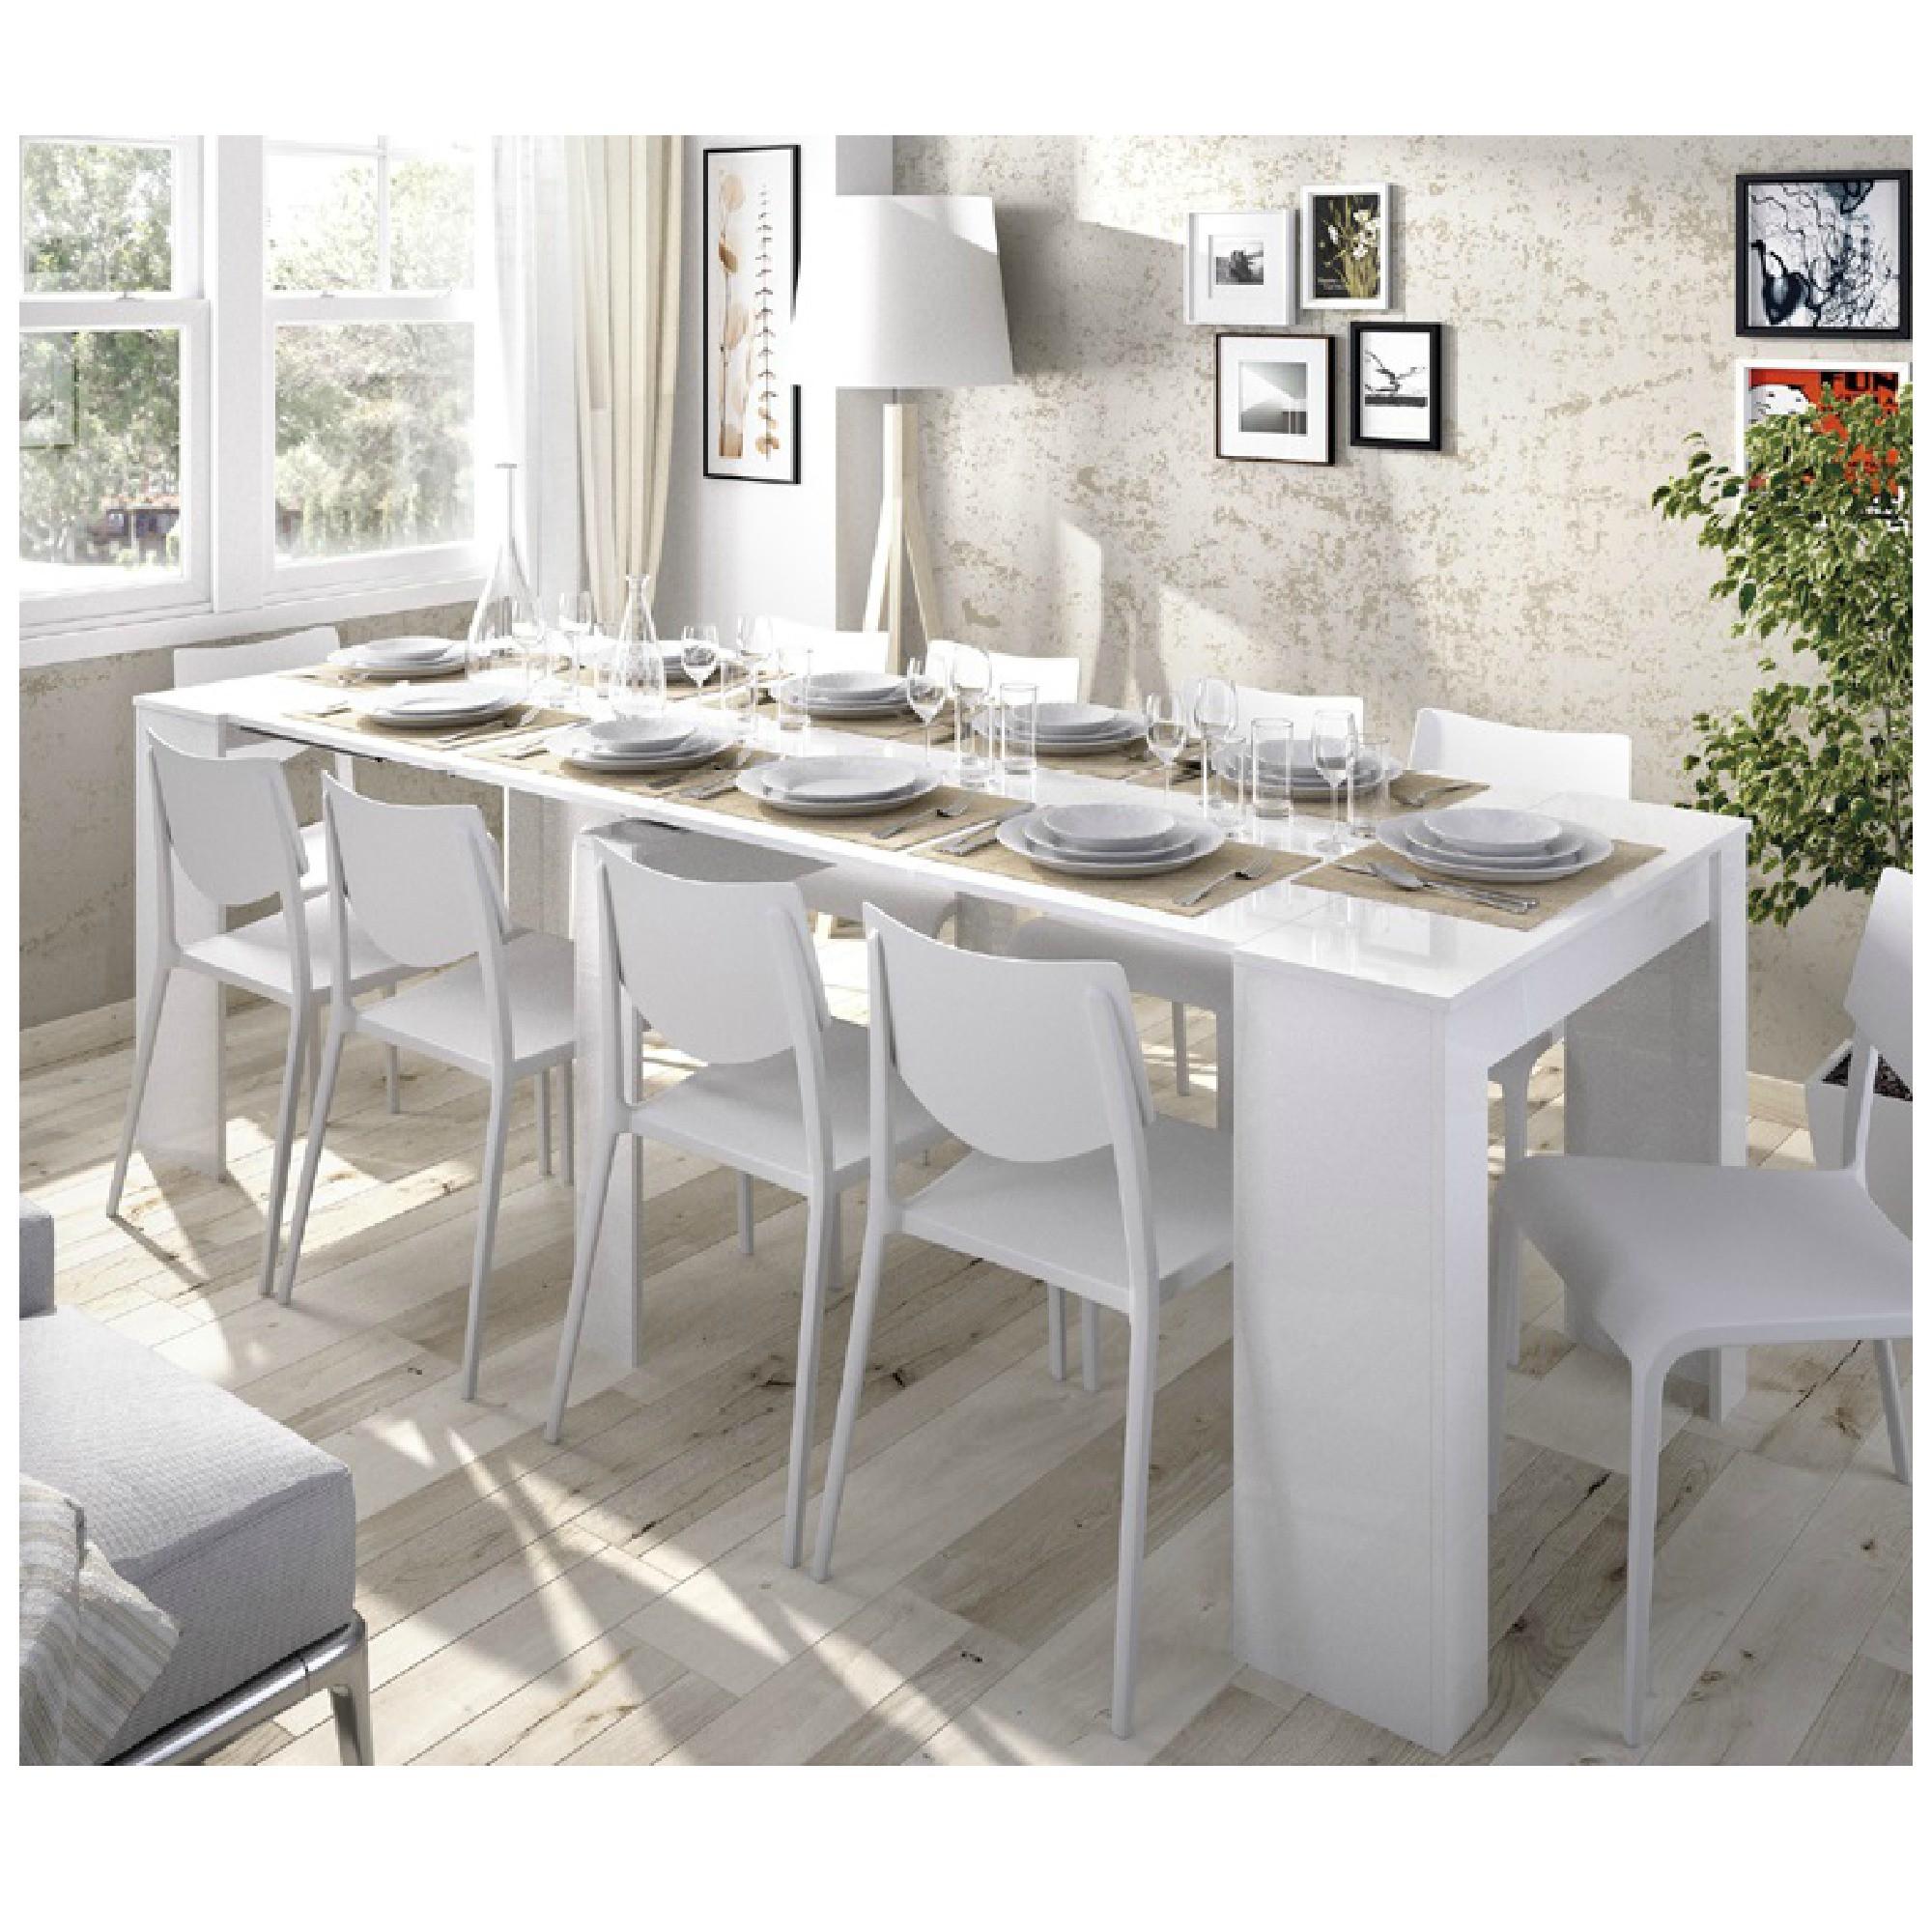 Mesa de comedor extensible barata blanco y gris Katy ...